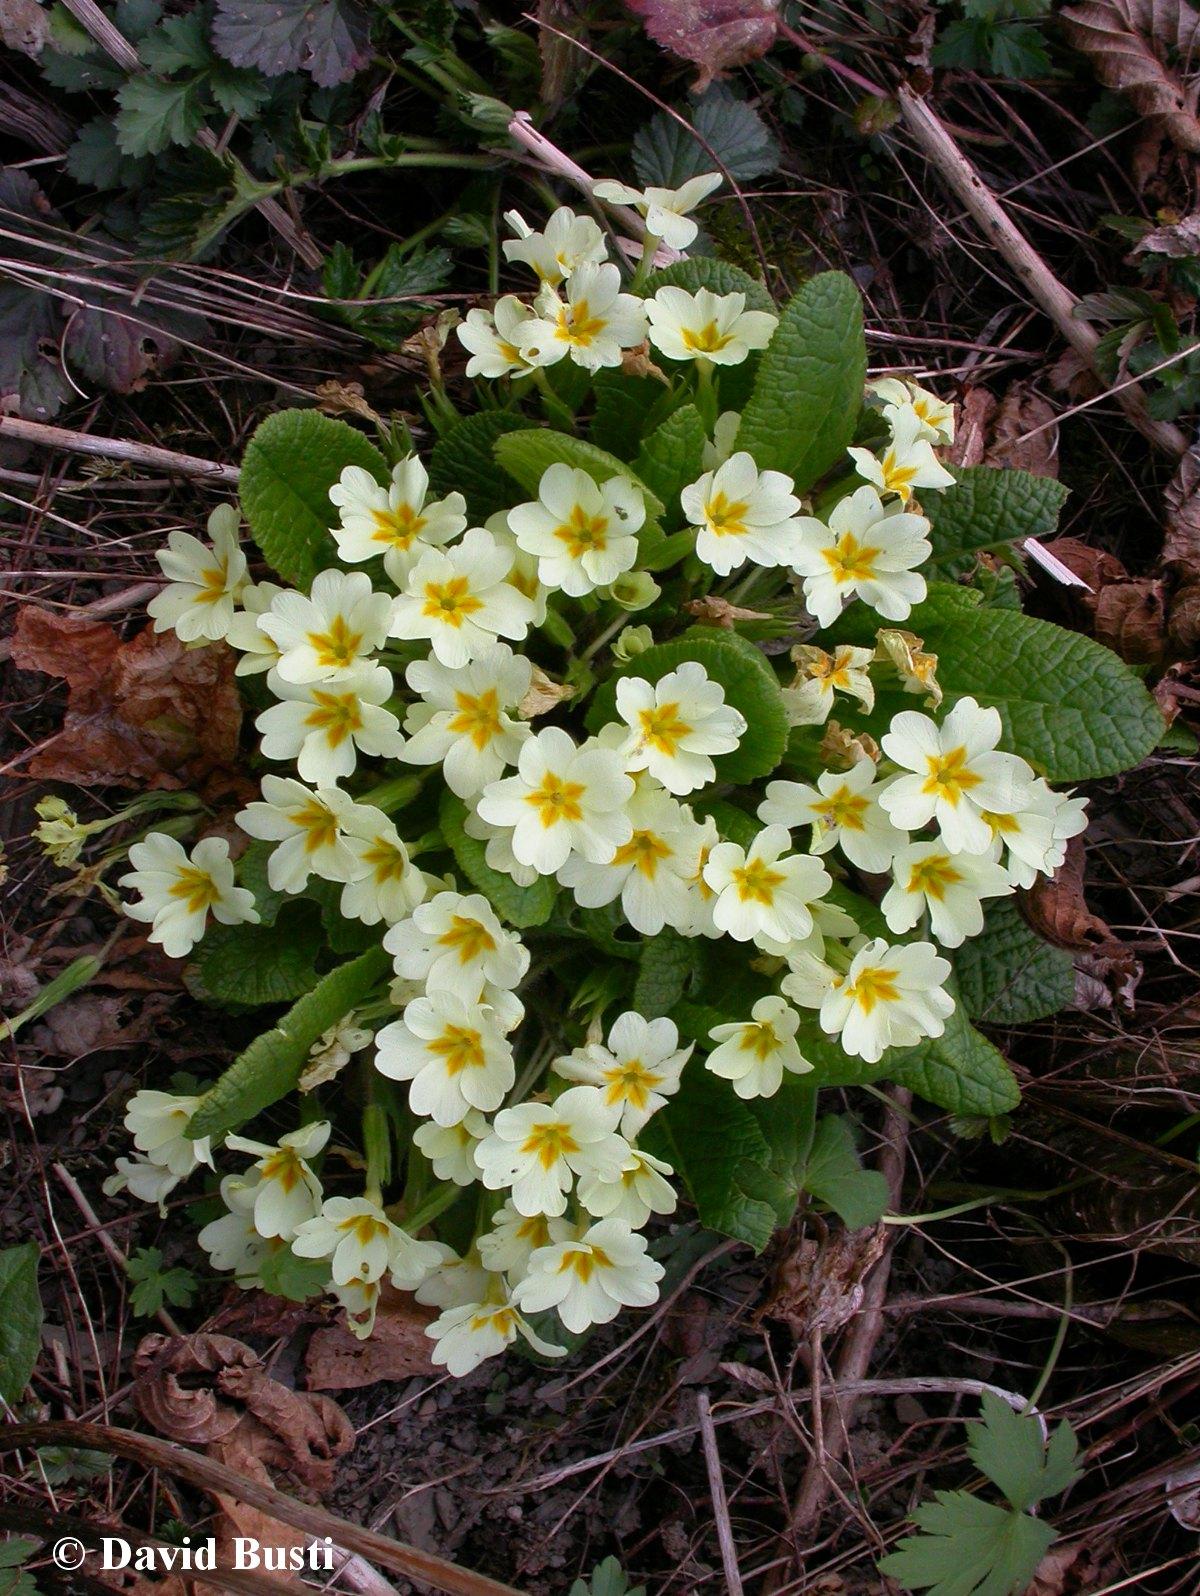 Primula_vulgaris-Primevere_commune.JPG